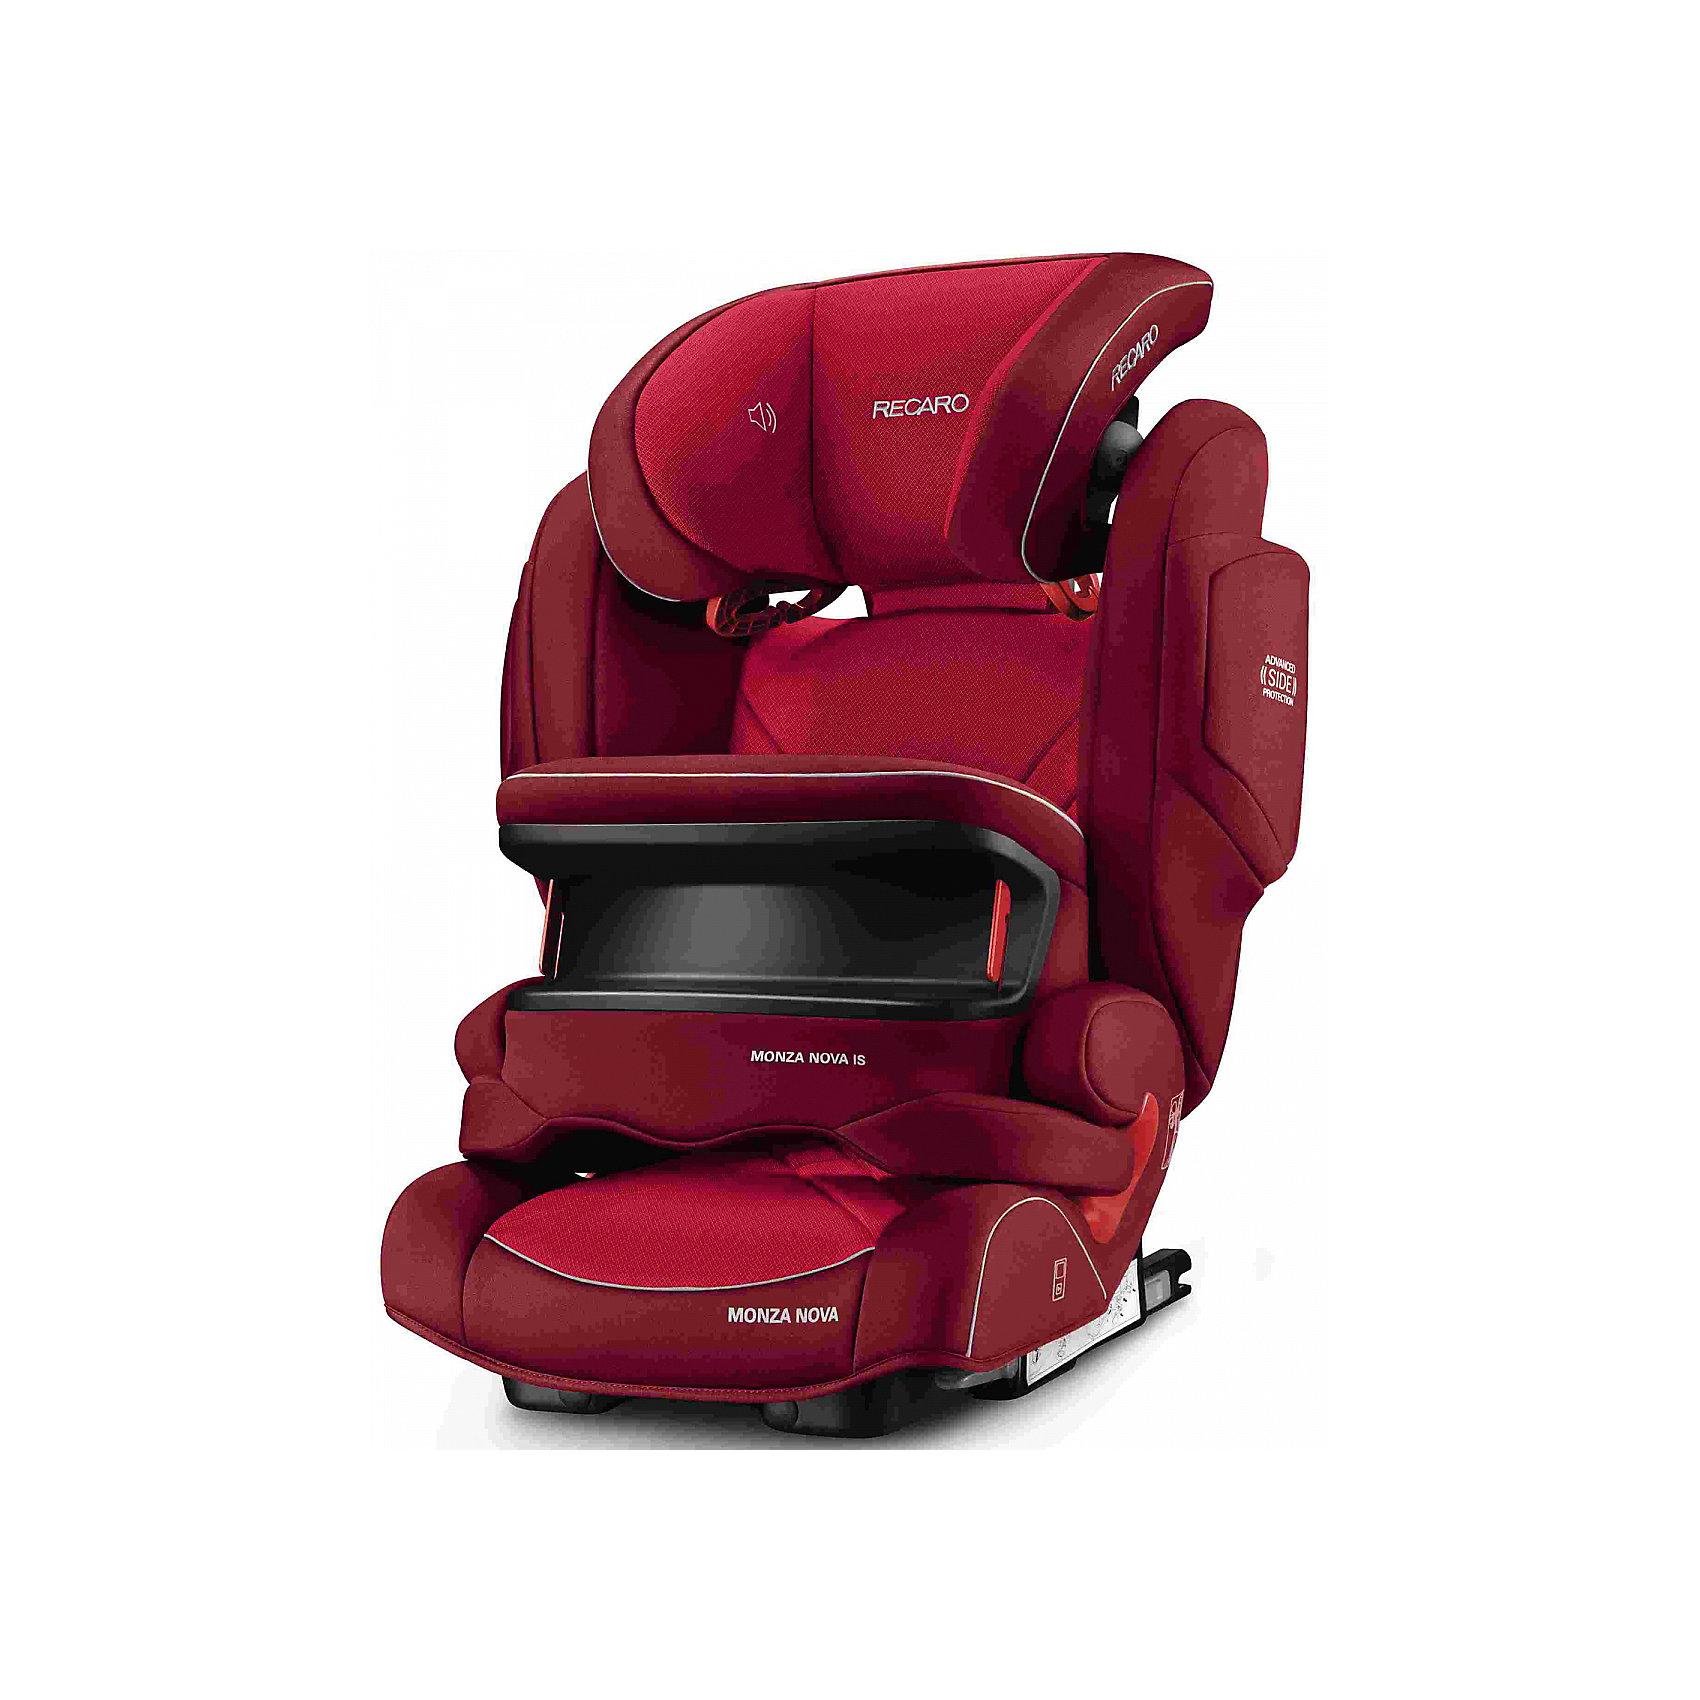 Автокресло Monza Nova IS Seatfix 9-36 кг., Recaro, Indy RedХарактеристики:<br><br>• группа: 1/2/3;<br>• вес ребенка: 9-36 кг;<br>• возраст ребенка: от 9 месяцев до 12 лет;<br>• способ крепления: IsoFix или штатными ремнями безопасности автомобиля;<br>• способ установки: лицом по ходу движения автомобиля;<br>• регулируется высота подголовника: 11 положений;<br>• имеется ростомер;<br>• регулируется глубина подголовника;<br>• перед ребенком находится специальный жесткий столик, который обеспечивает максимальную защиту ребенка от ударов при столкновении и резком торможении;<br>• угол наклона спинки подгоняется под угол сиденья автомобиля, слегка откидывается назад;<br>• имеются подлокотники, высота не меняется;<br>• сетчатый кармашек на боковой стороне автокресла;<br>• под сиденьем автокресла имеются пластиковые опорные элементы;<br>• в боковинках автокресла находятся встроенные динамики;<br>• усиленная боковая защита, 12 см;<br>• материал: пластик, полиэстер;<br>• размеры автокресла: 48х55х74 см;<br>• вес: 8 кг.<br><br>Автокресло Monza Nova IS Seatfix будет сопровождать вас и вашего кроху вплоть до достижения ребенком возраста 12 лет. Автокресло укомплектовано дополнительными аксессуарами для наибольшей безопасности ребенка на каждом этапе его взросления. Когда вес малыша находится в пределах 9-18 кг, эргономичный защитный столик вместе с 3-х точечным ремнем безопасности автомобиля обеспечивают максимальную безопасность. Автокресло обязательно используется со столиком, пока кроха не достигнет определенного роста и веса (95 см/18 кг).<br><br>Автокресло устанавливается на заднем сидении автомобиля с помощью системы Изофикс. Выдвижные крепления кресла совмещаются с системой Изофикс в автомобиле.<br>Обивка автокресла выполнена из дышащего материала, который не впитывает посторонние запахи. Автокресло оснащено вентиляционными отверстиями для циркуляции воздуха и регуляции теплообмена. Чехлы автокресла съемные, допускается стирка при температуре 30 градусов.<br><br>Комплекта